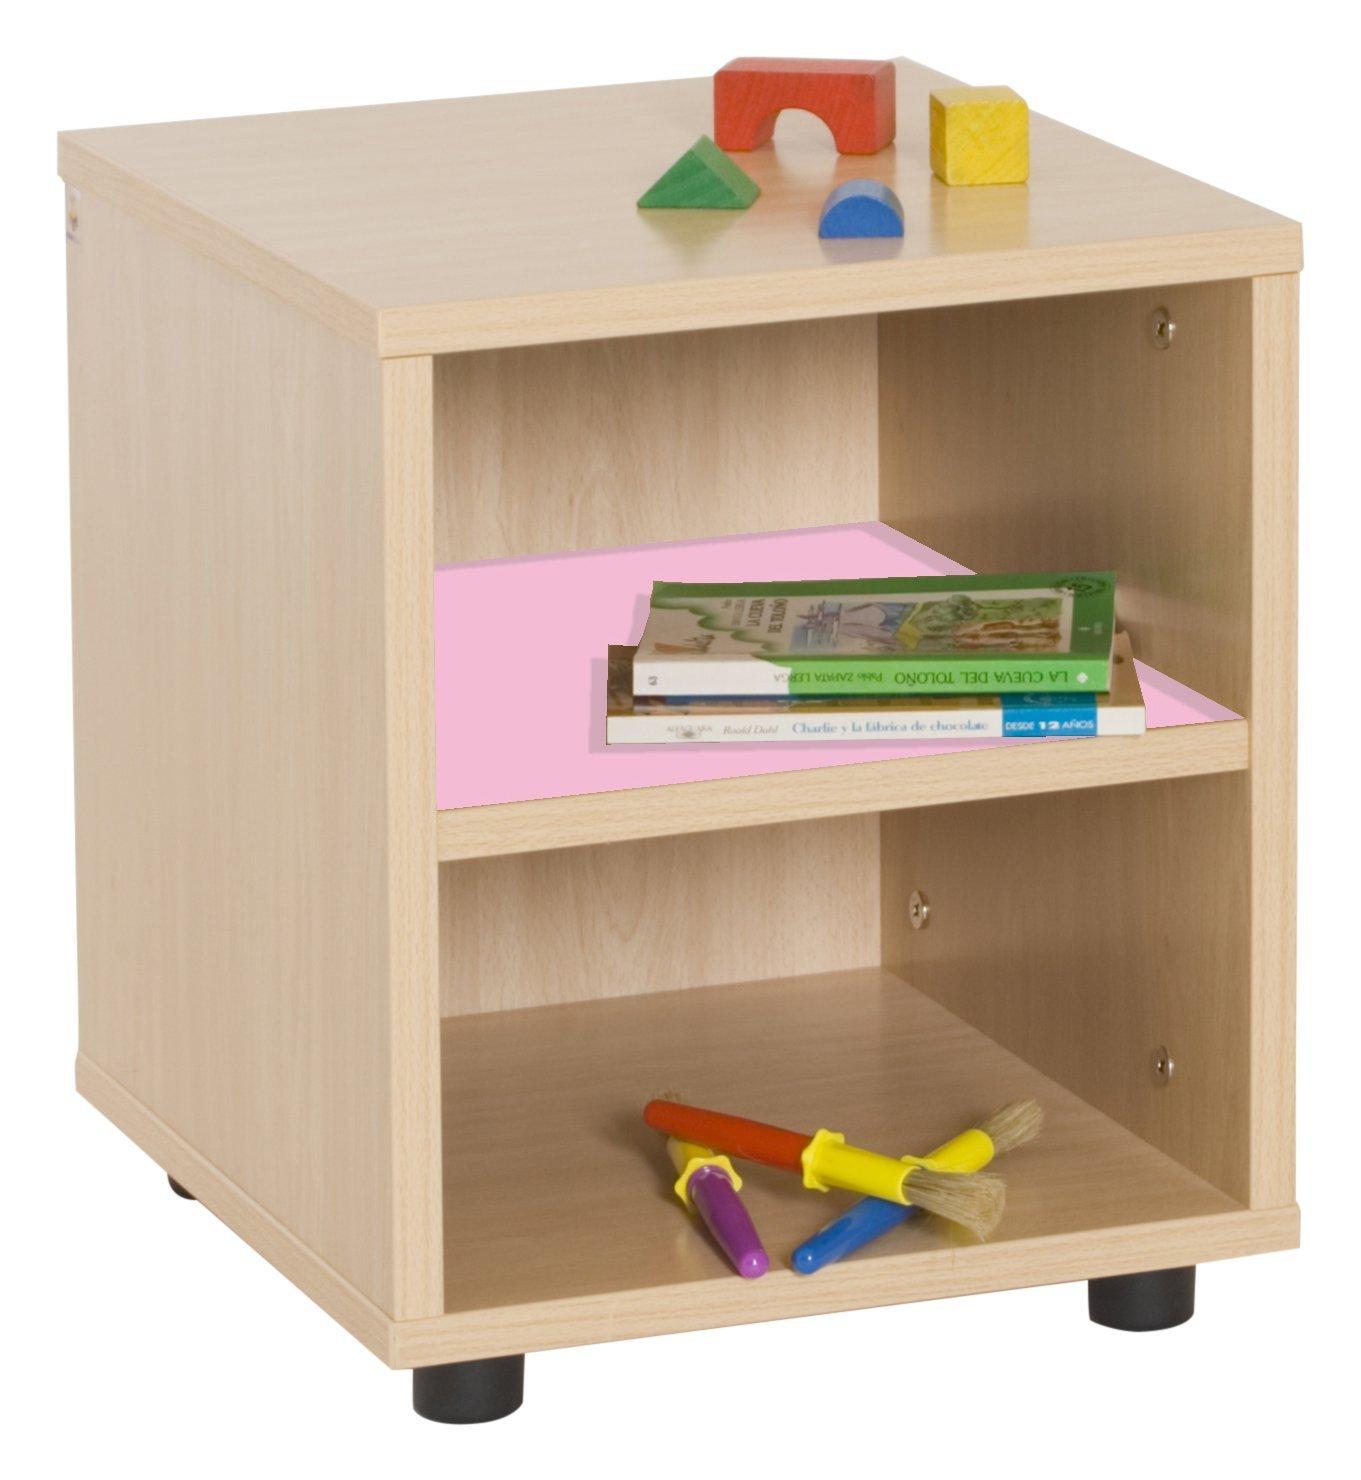 Mobeduc 600109HP22 Meuble Enfant superbajo-étagère bois hêtre-rose 36 x 40 x 44 cm